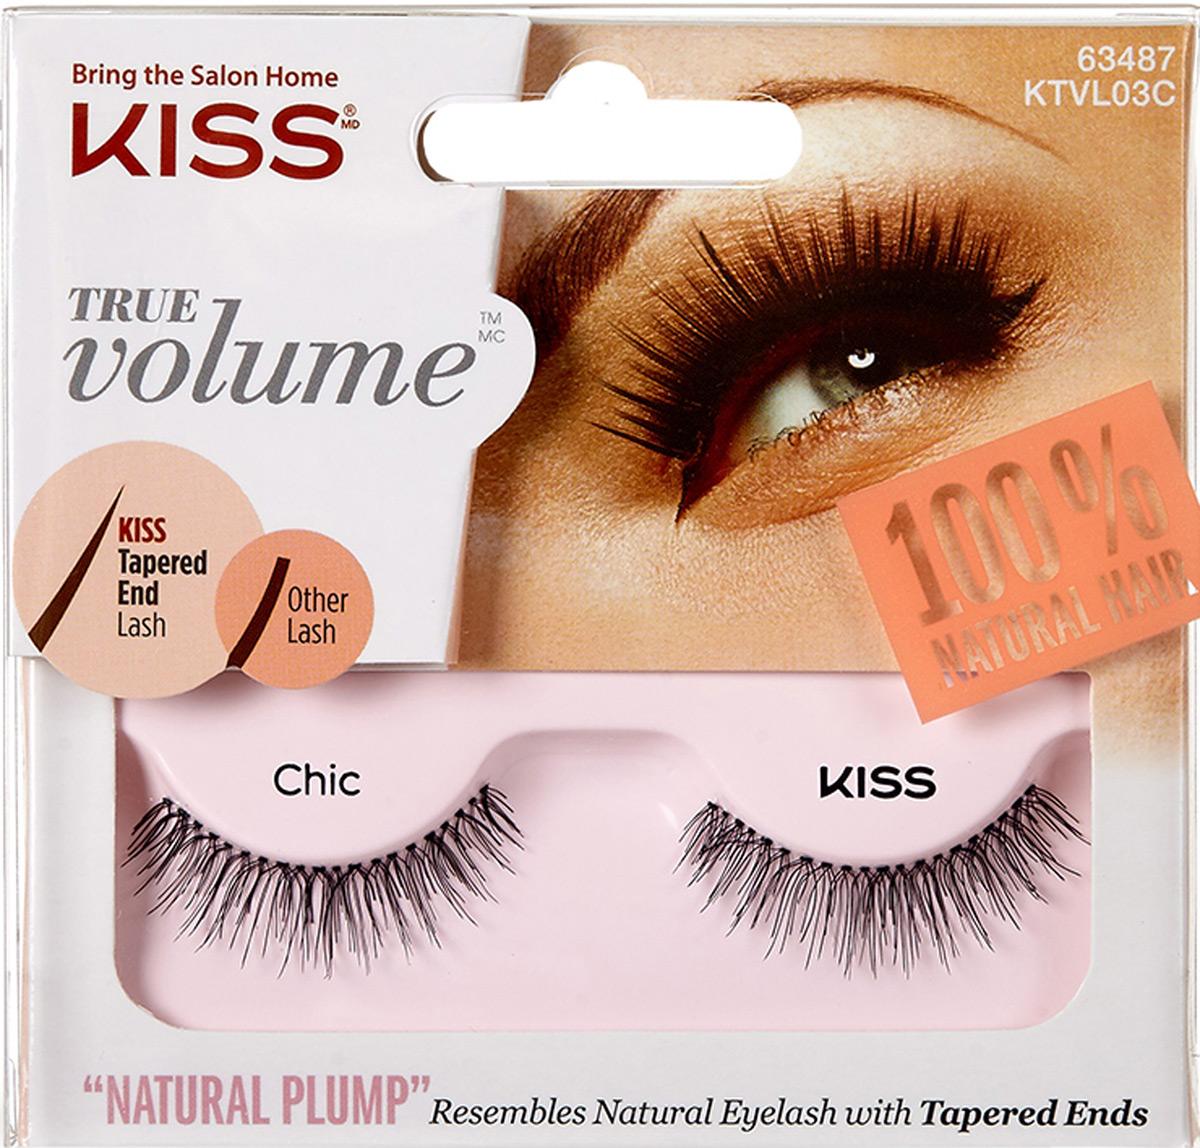 Kiss True Volume Накладные ресницы Lash Chic KTVL03C накладные ресницы влюбляй в себя kiss